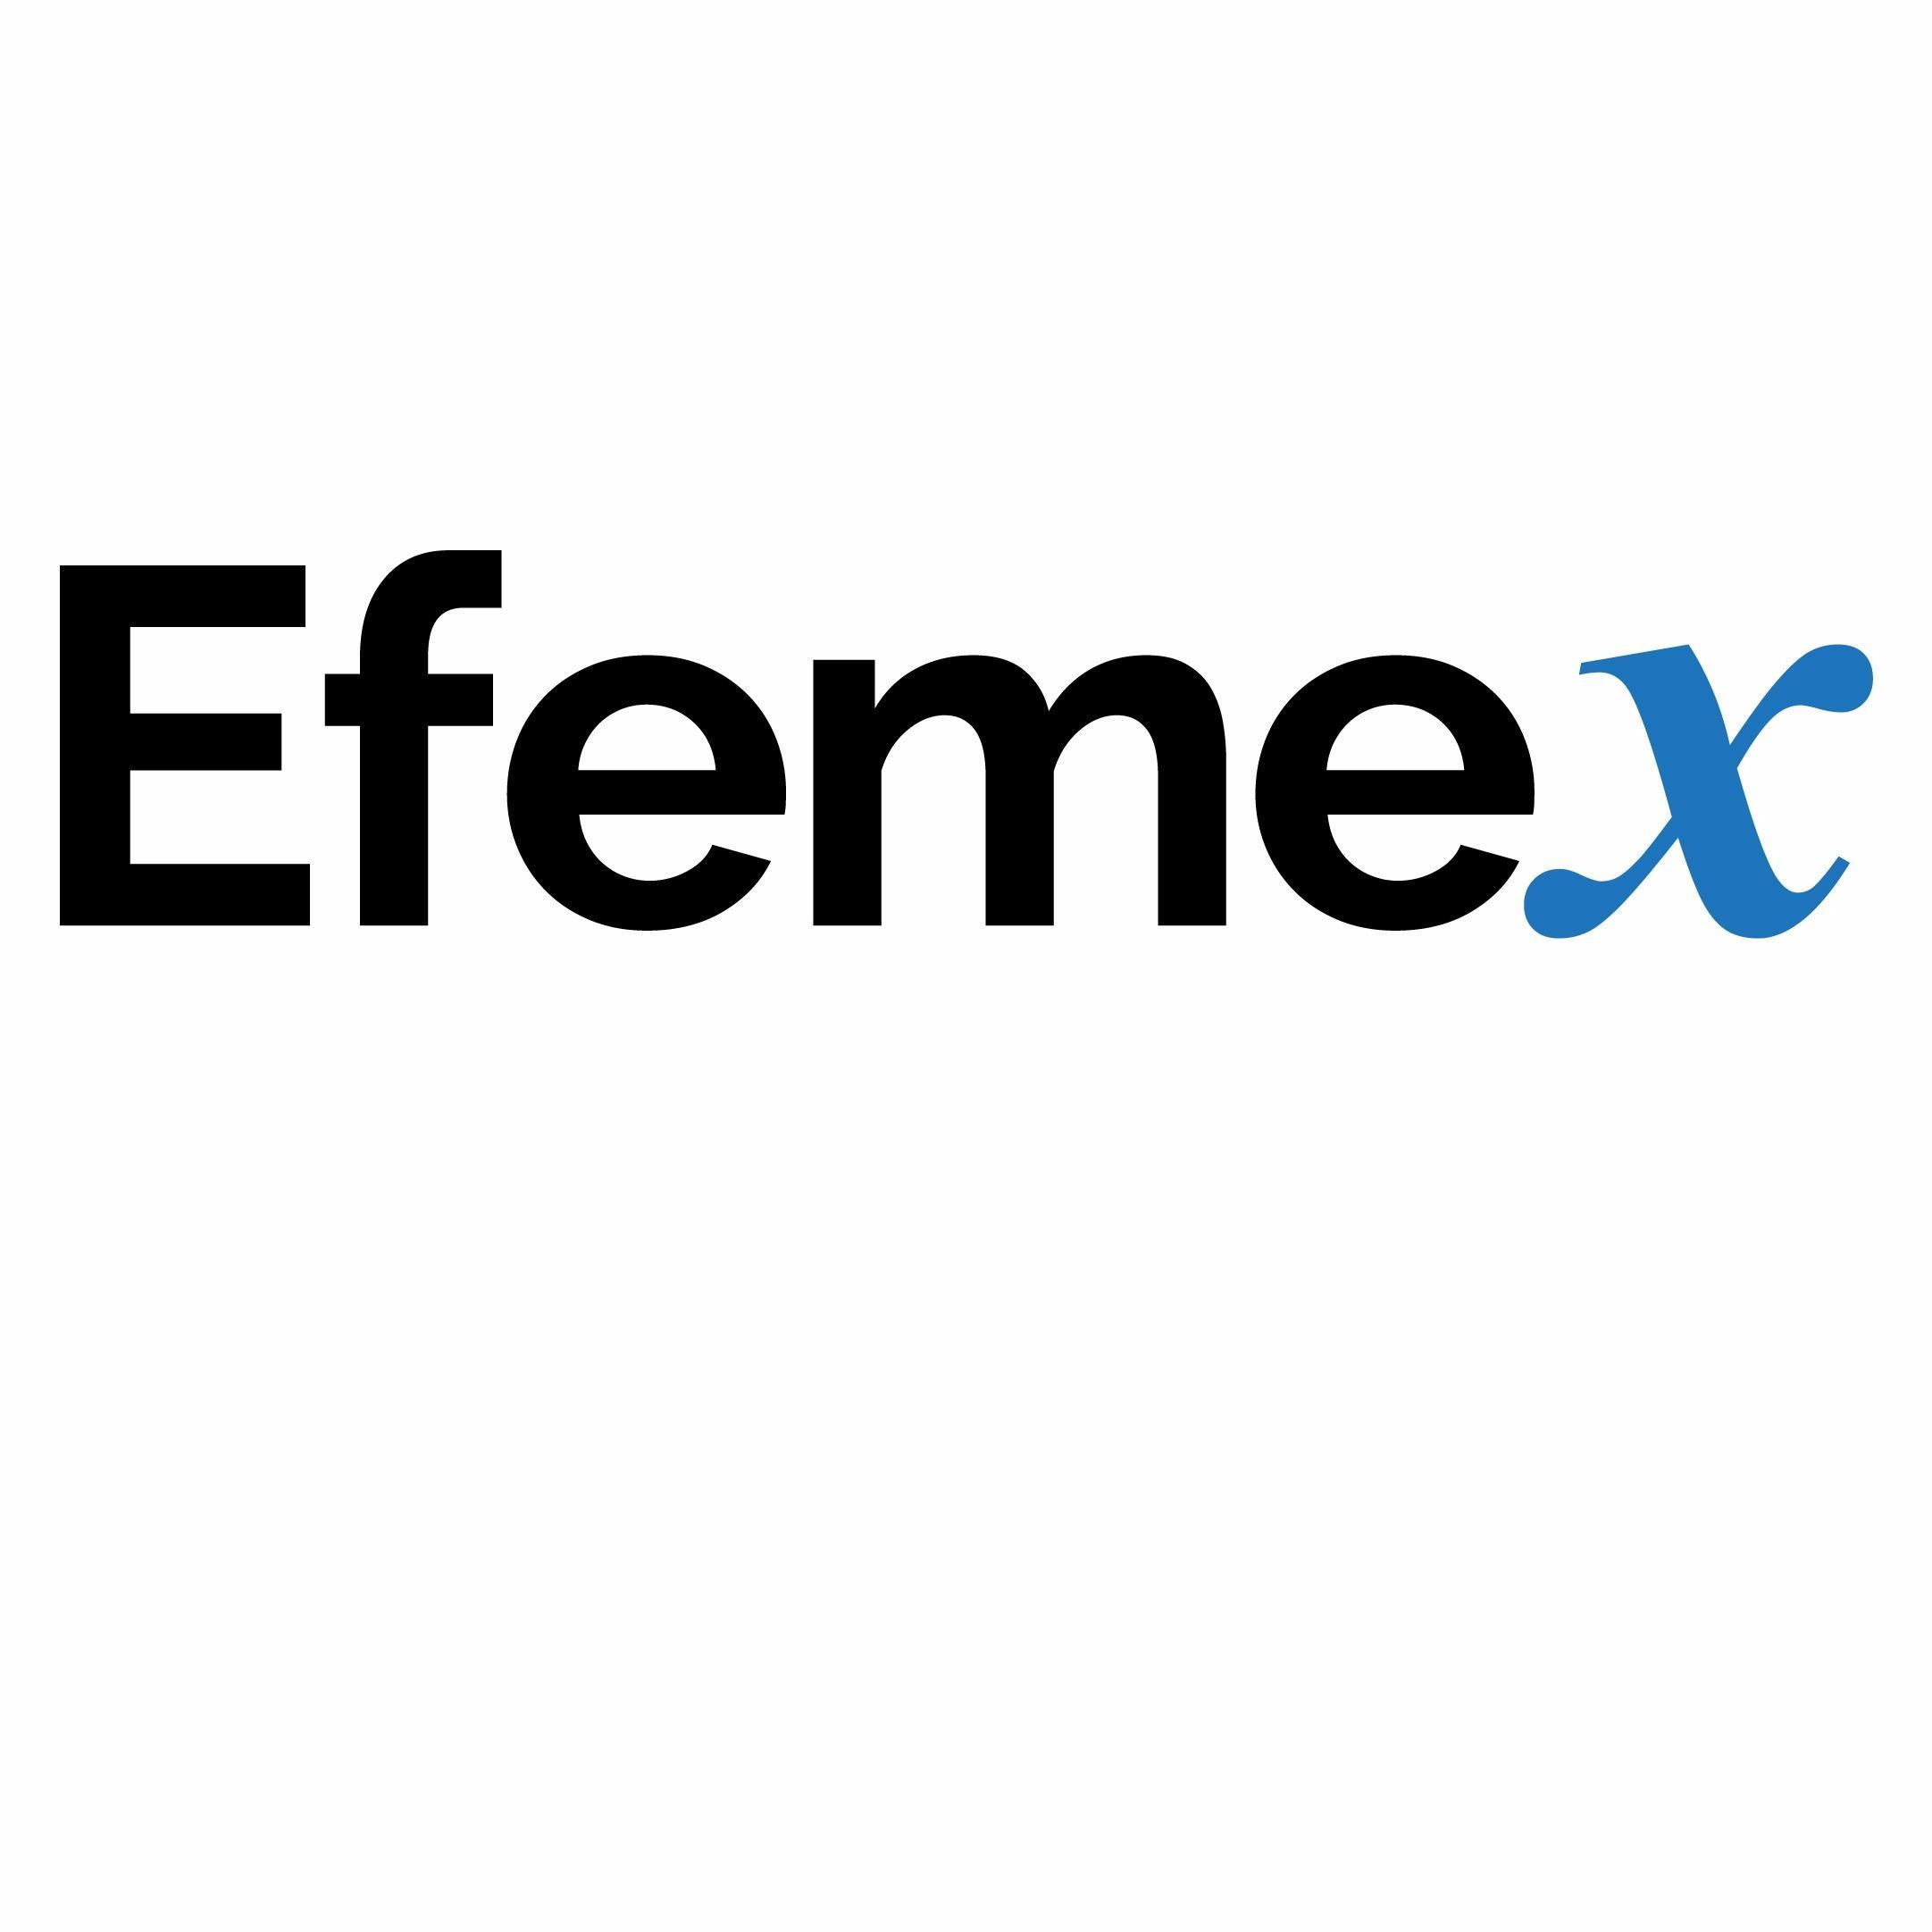 Efemex.com